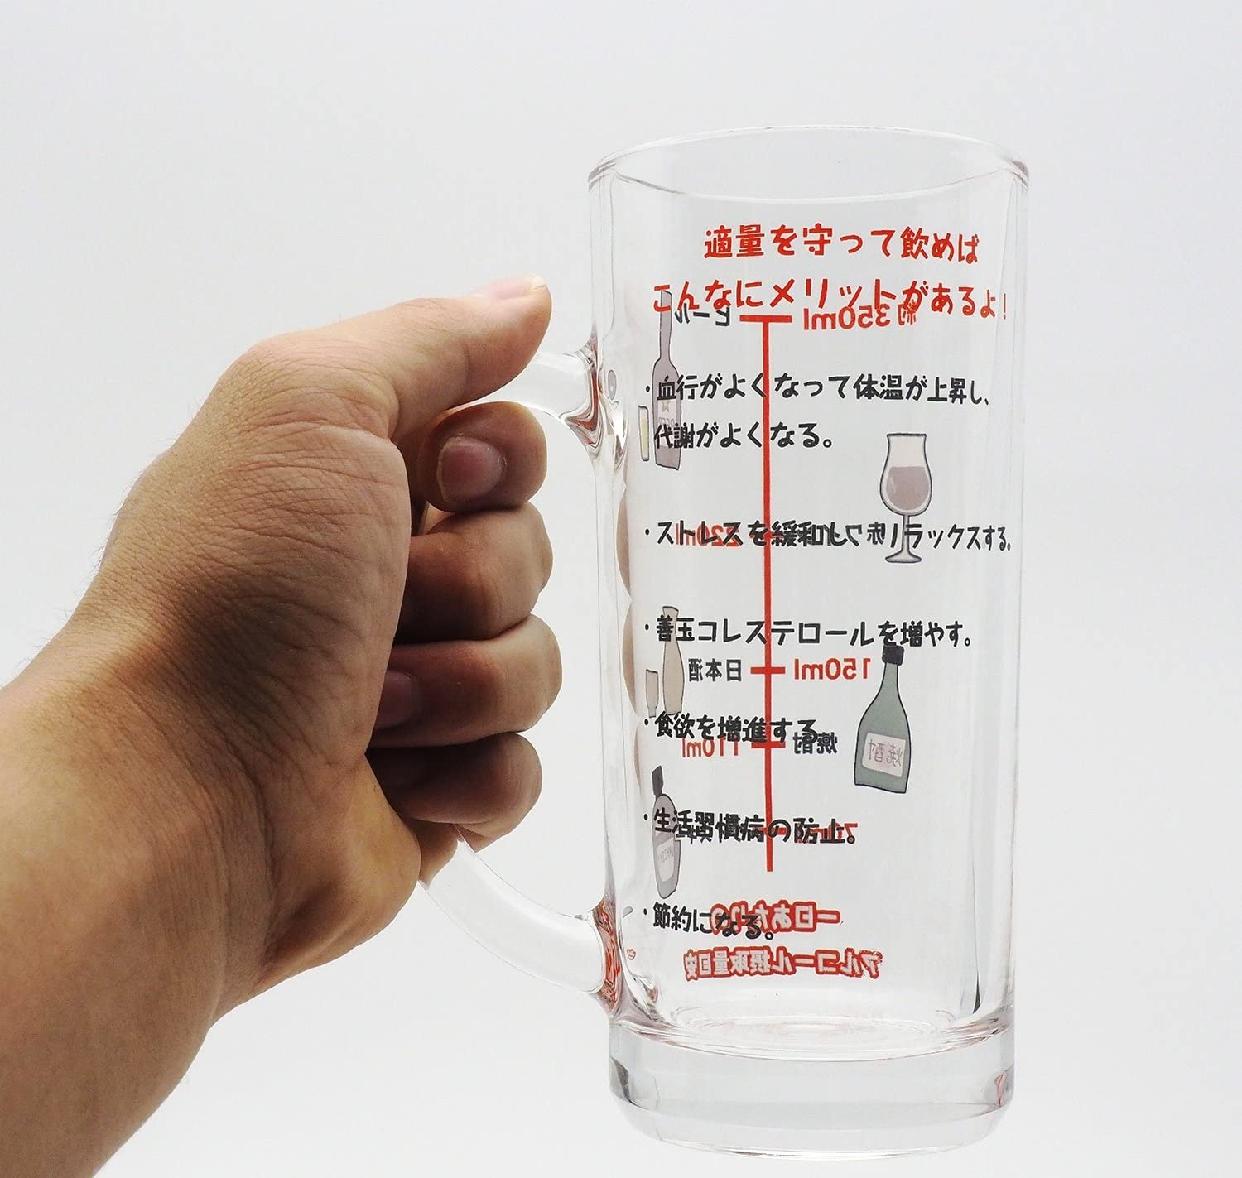 サンアート アルコール摂取適量 ジョッキSAN1982の商品画像4